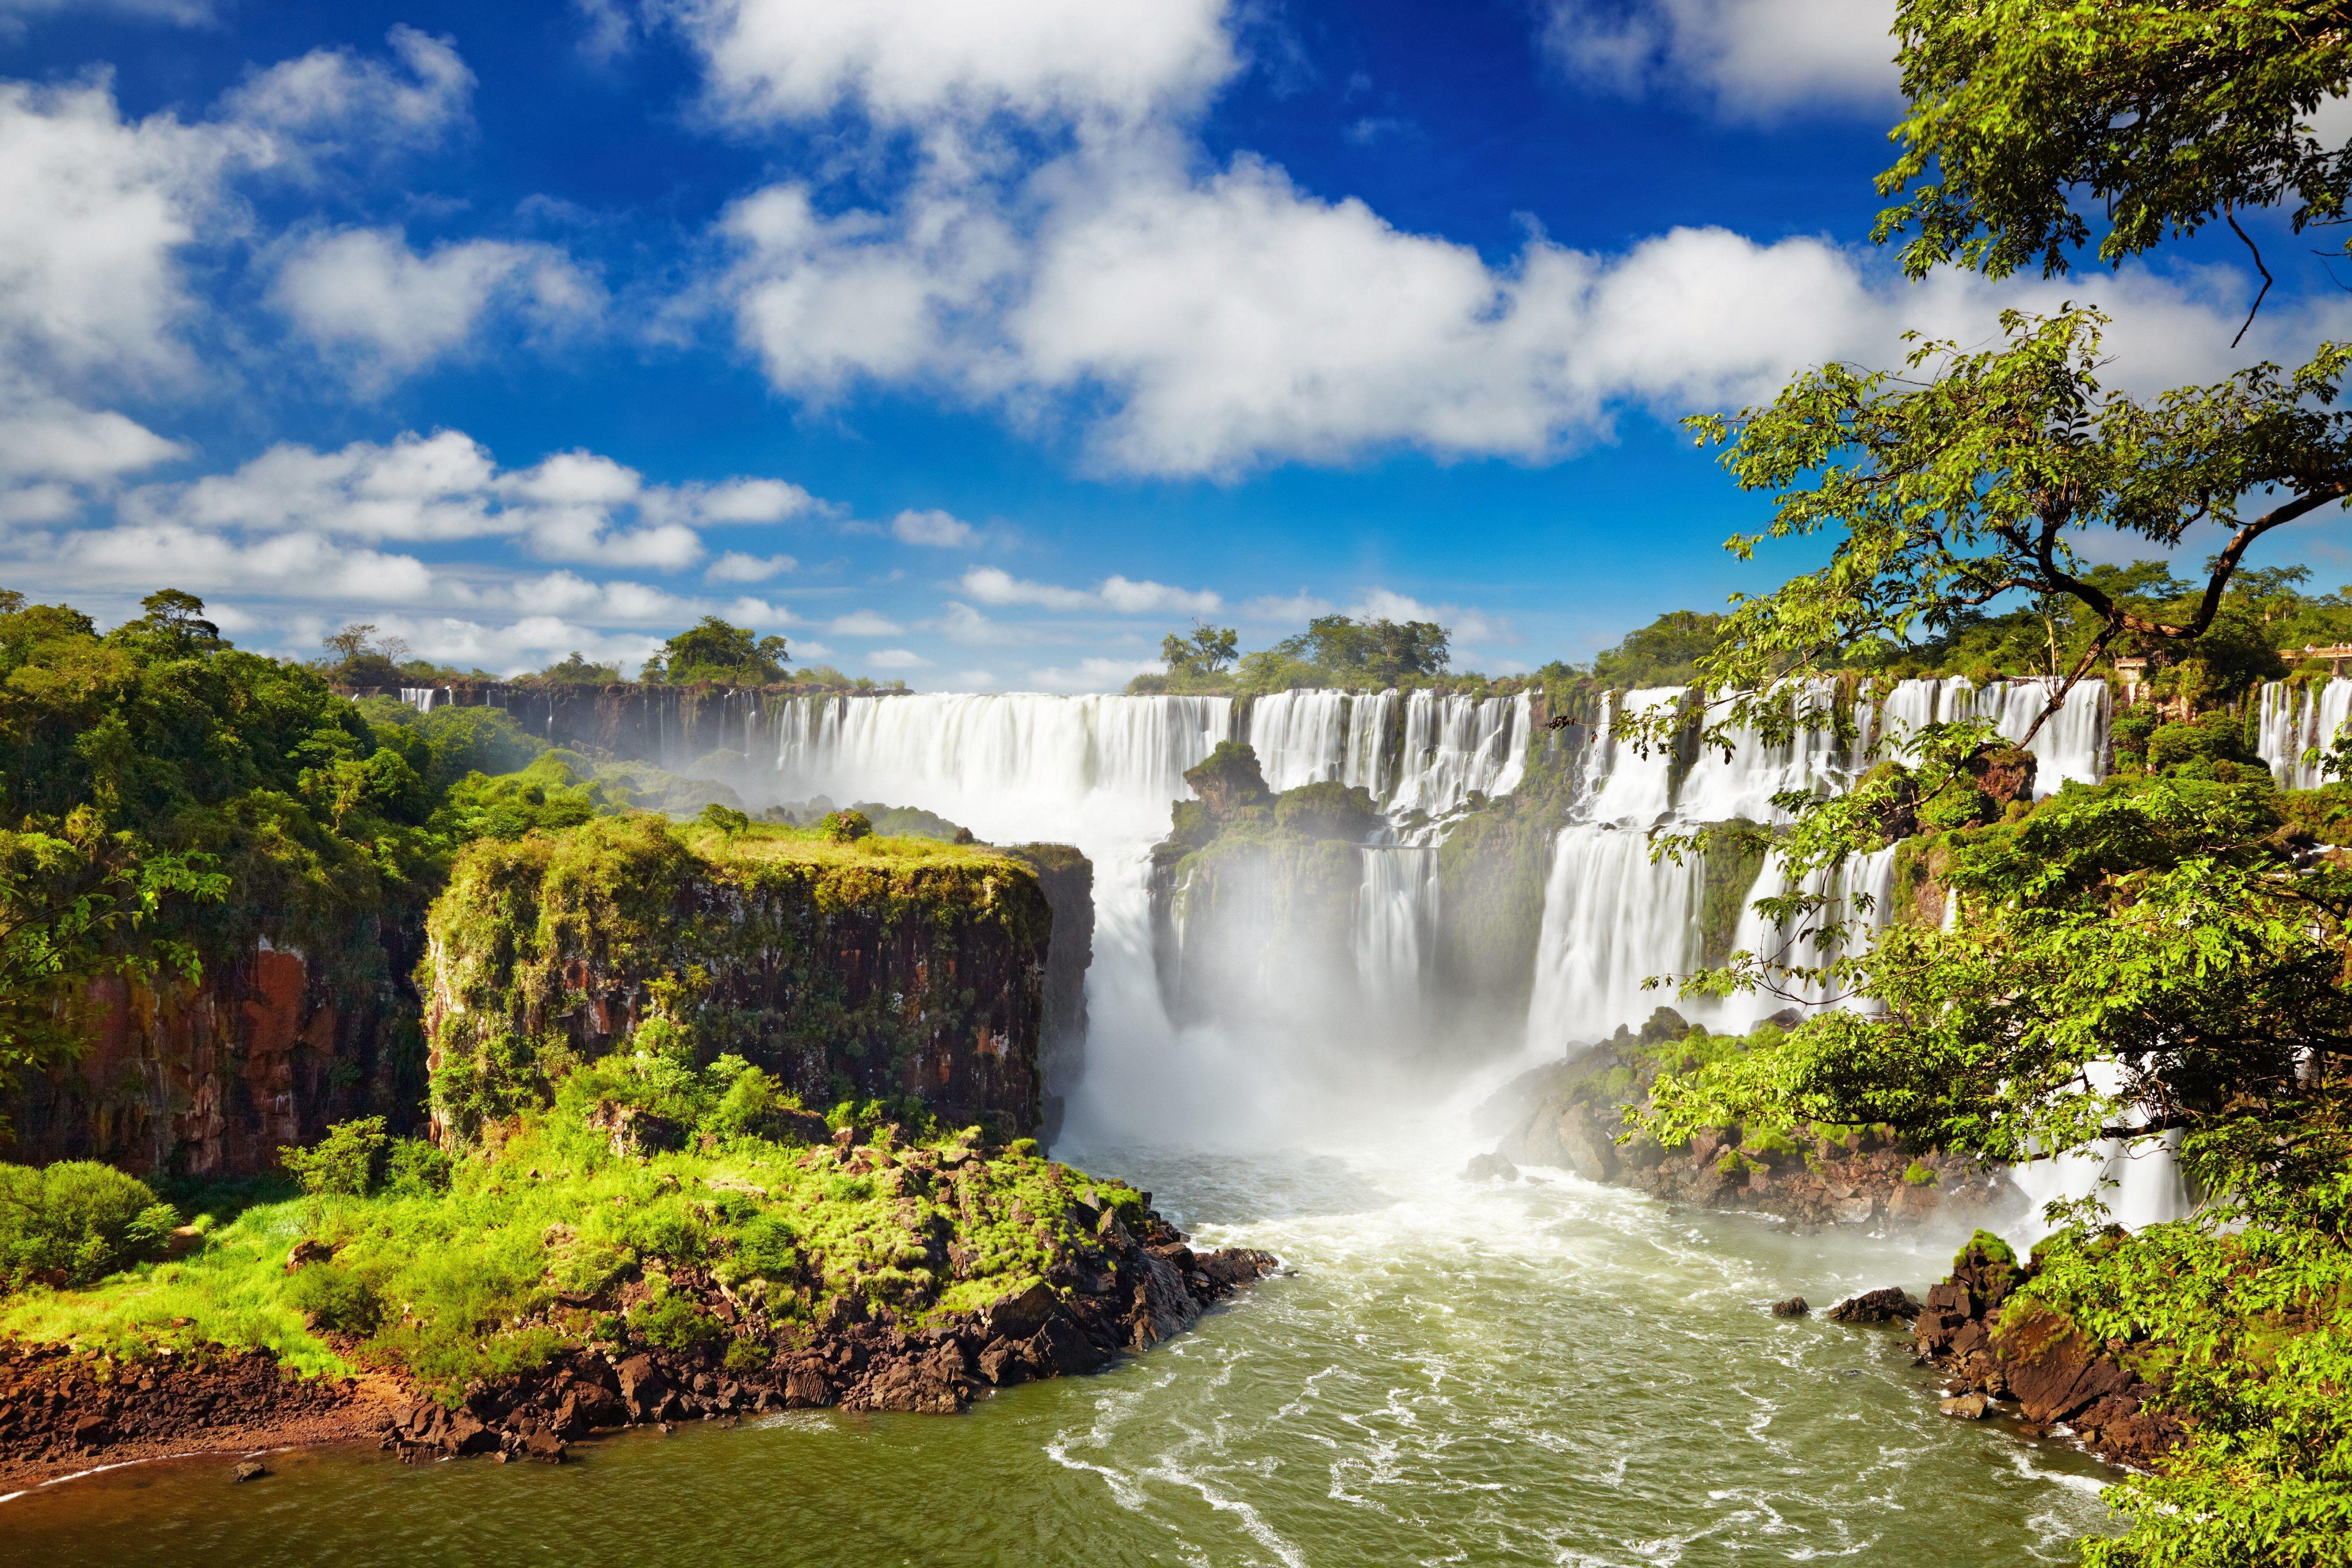 Die Iguazu Wasserfälle bei bestem Reisewetter